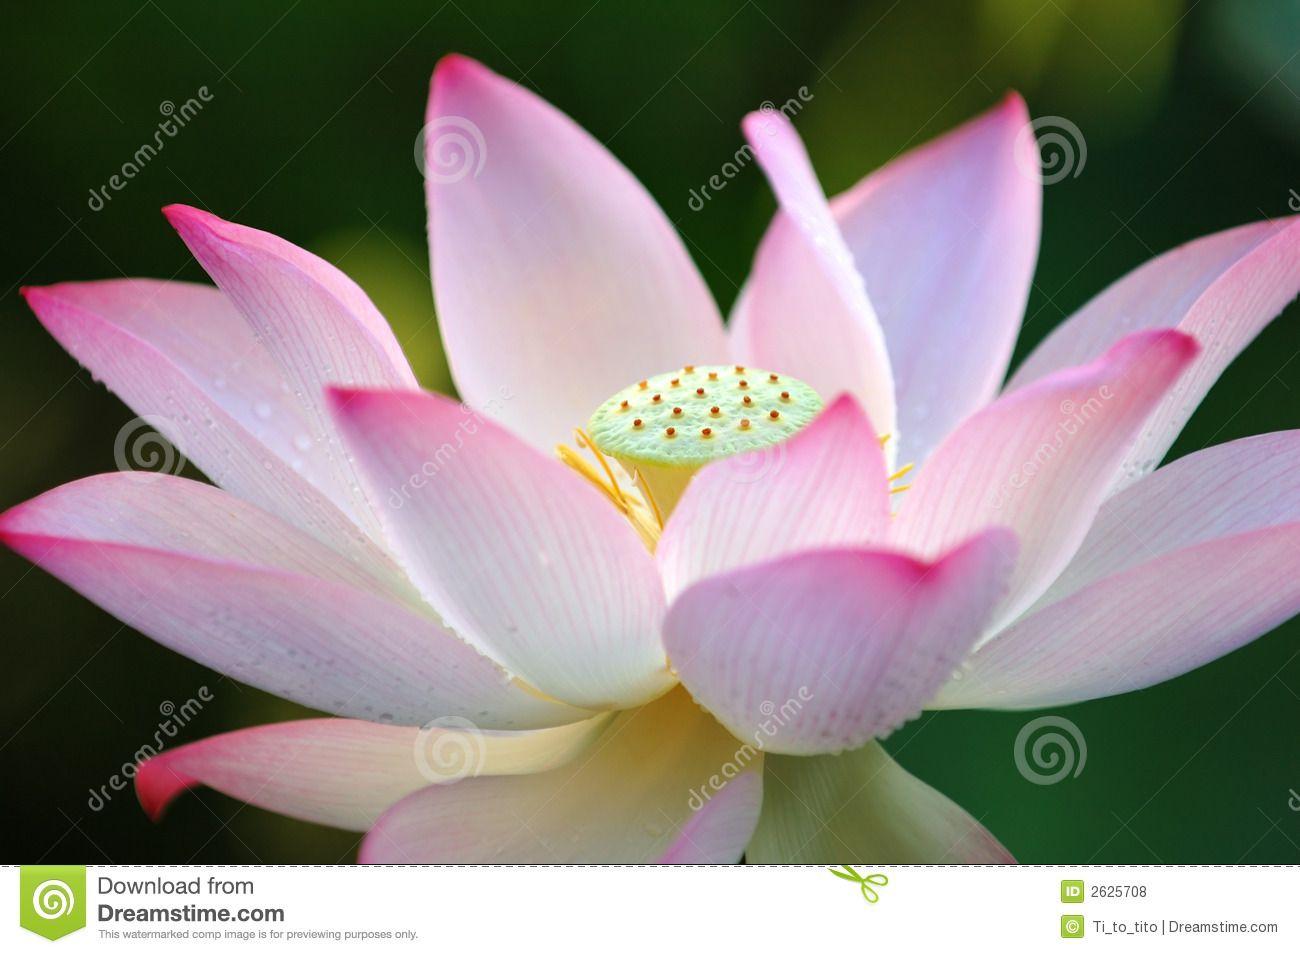 Lotus Flower Flor De Loto 2625708g Ideas To Paint Pinterest